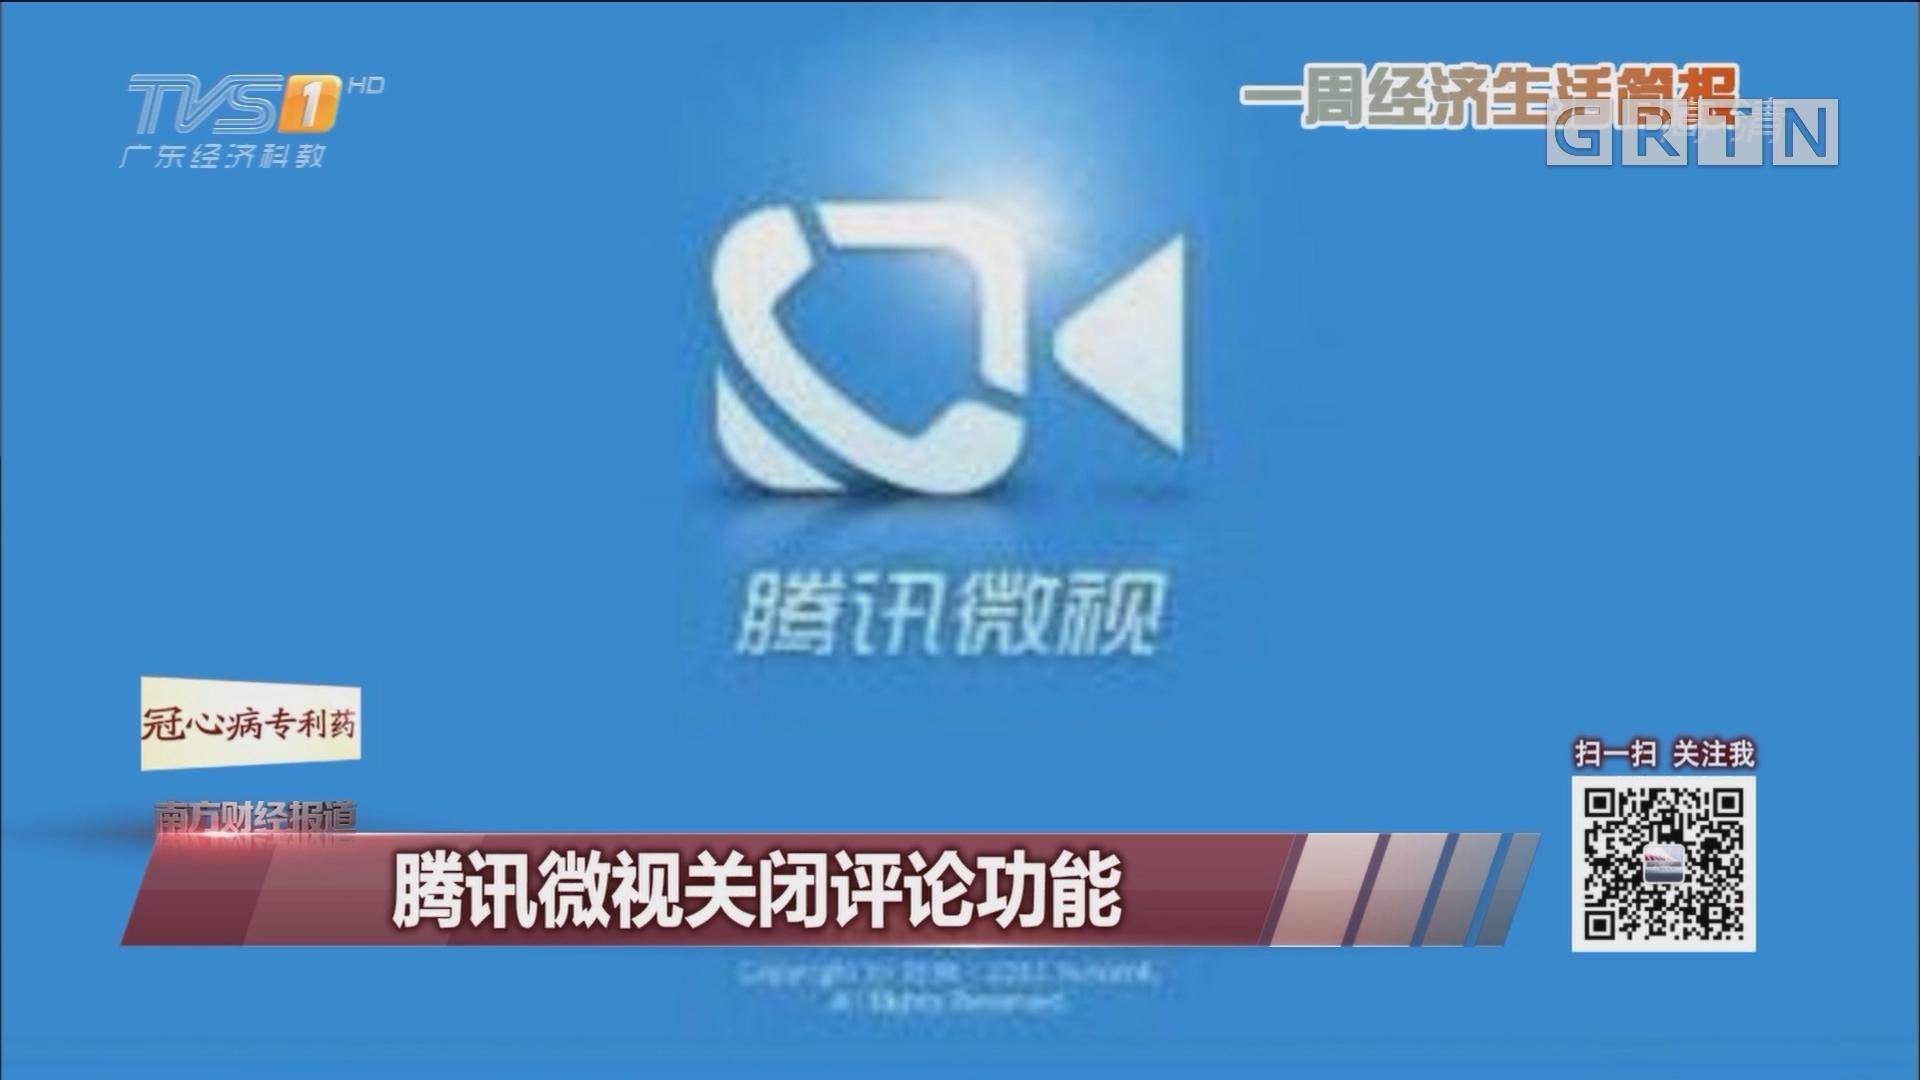 腾讯微视关闭评论功能